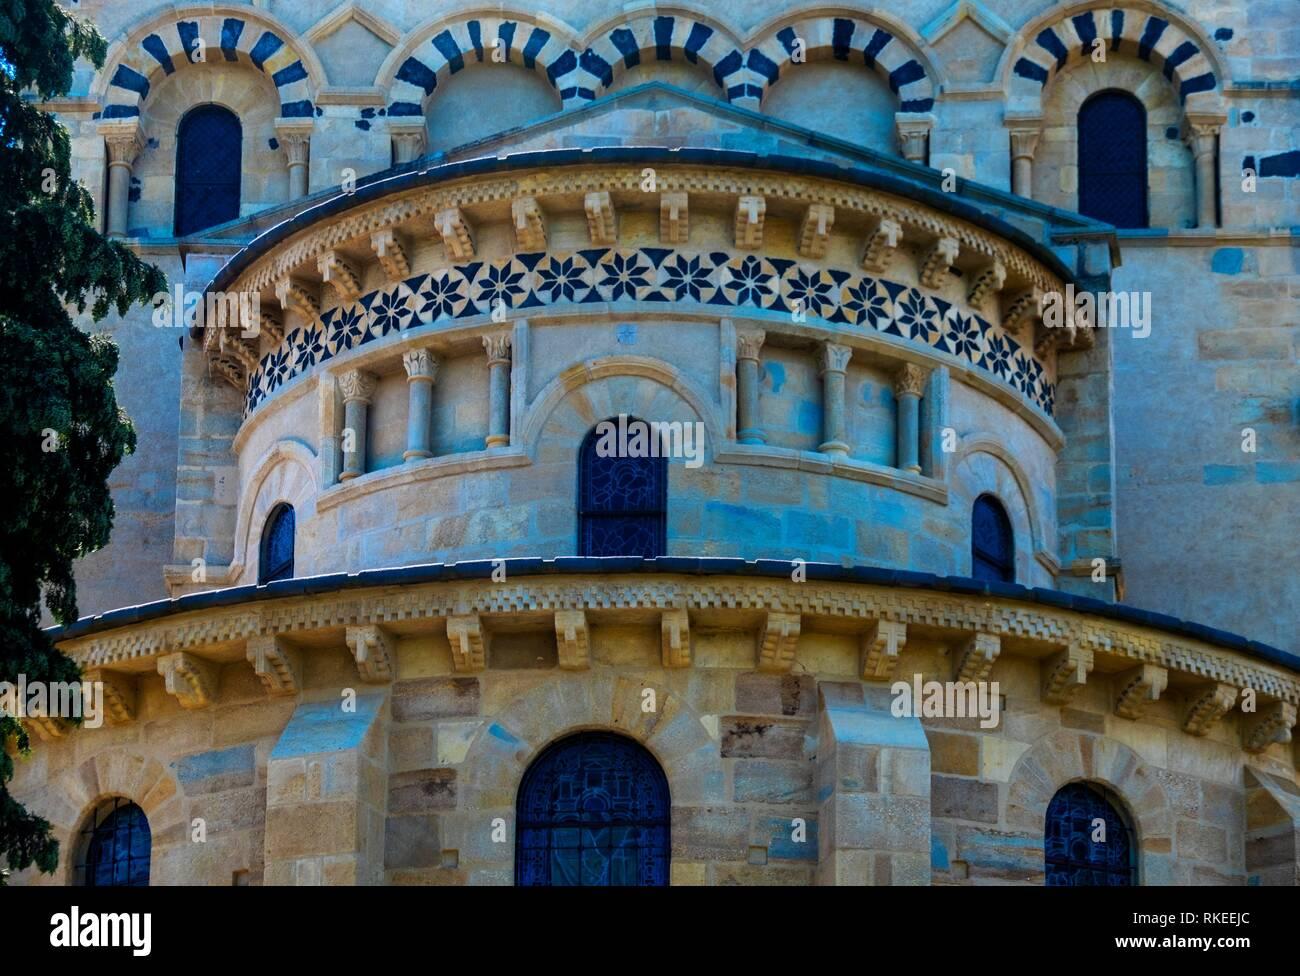 France, Auvergne, Puy de Dôme, 12th Century. romanesque church at Saint Saturnin. Pilgrimage way to Santiago de Compostela. - Stock Image